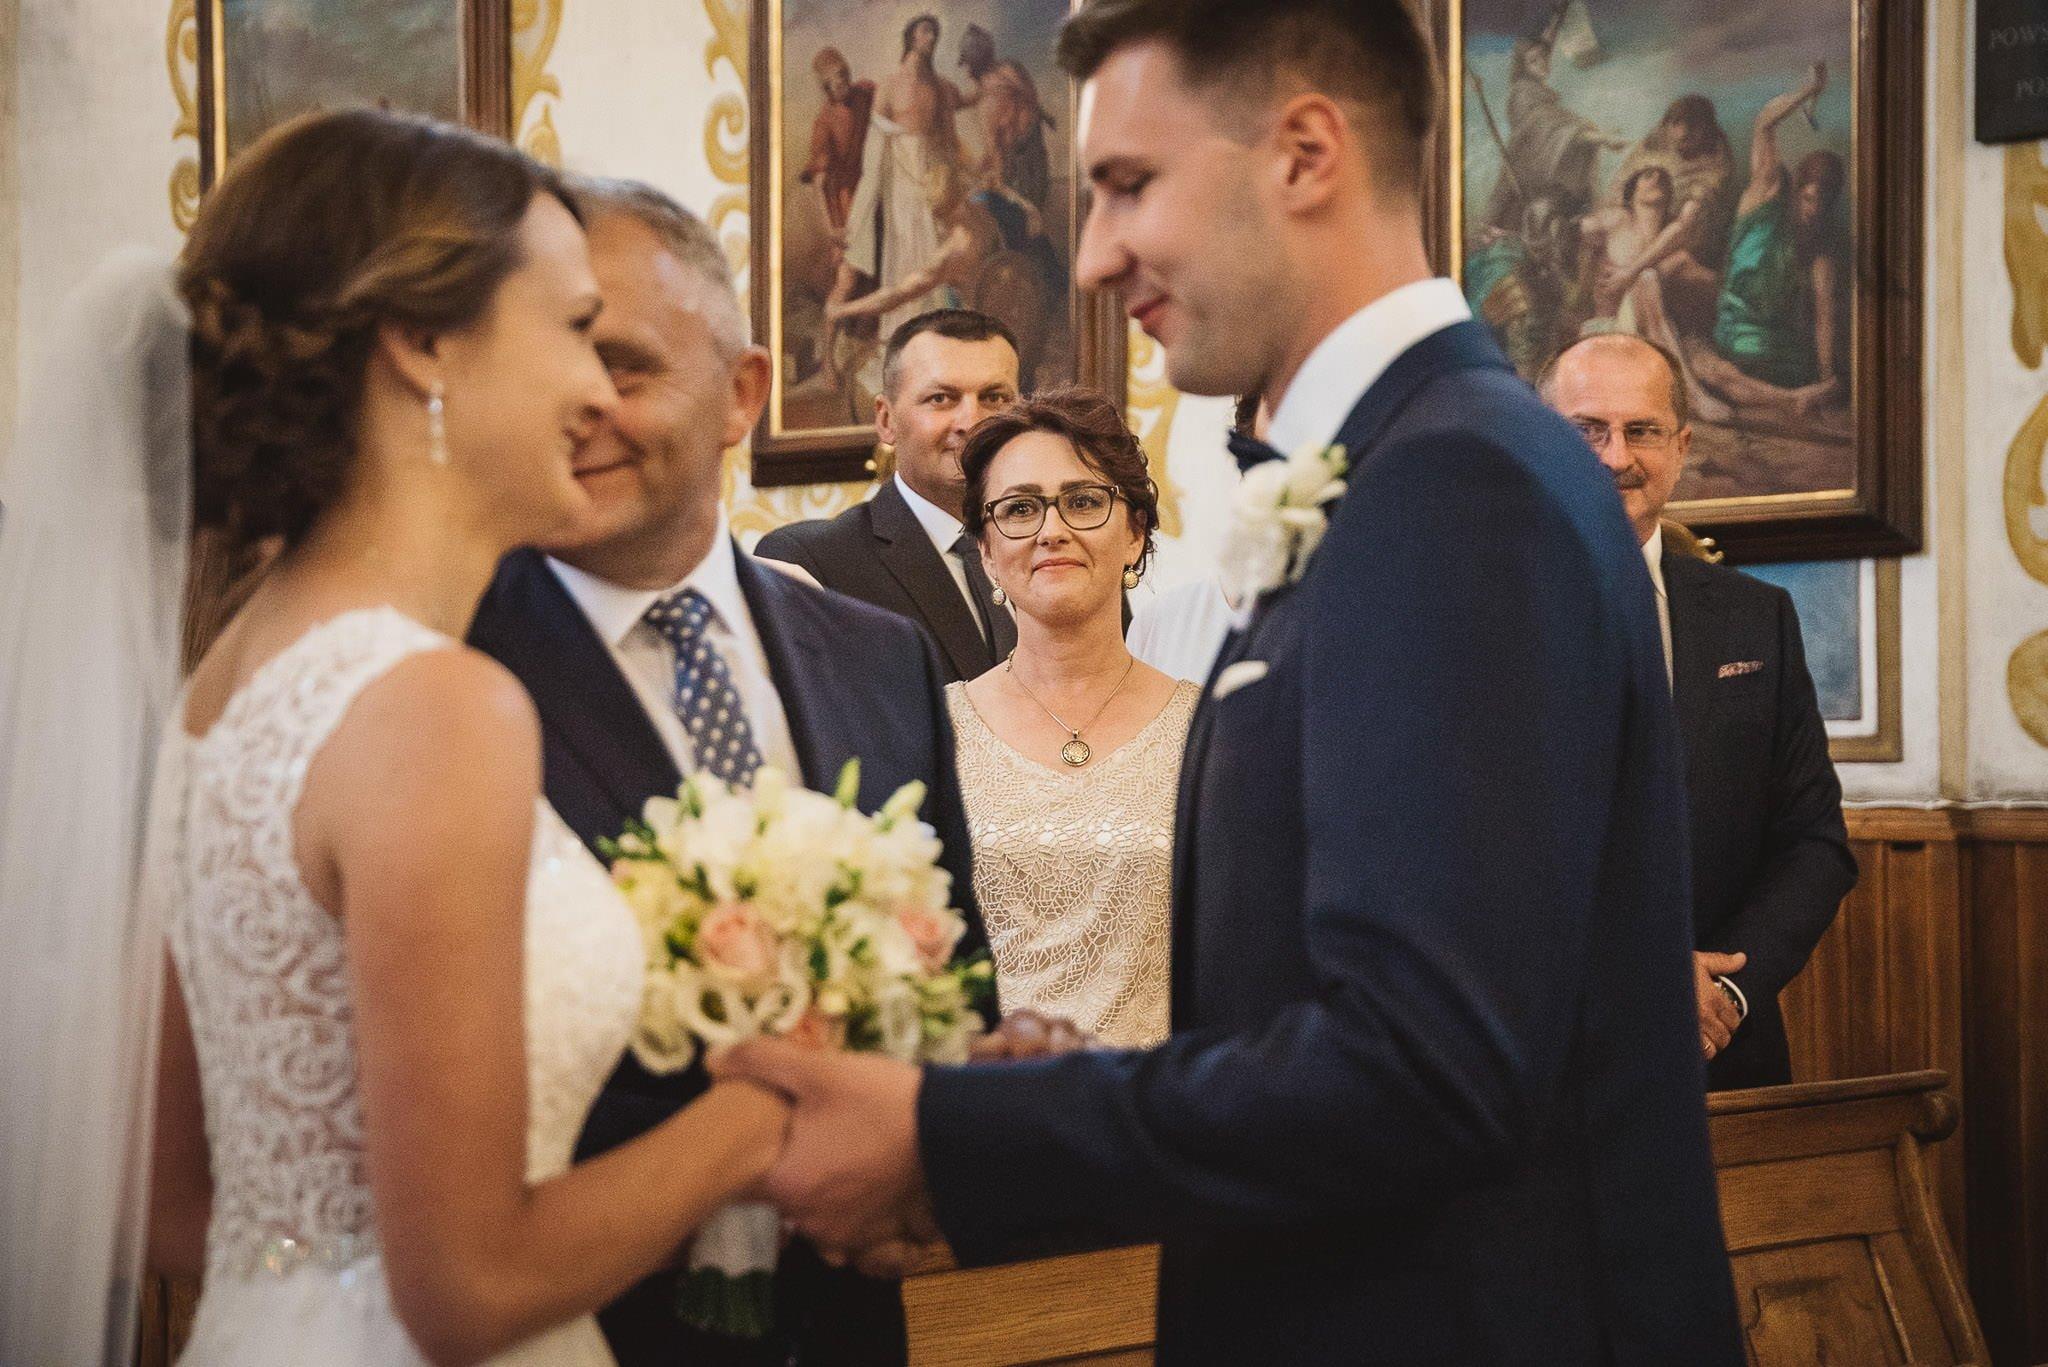 Monika i Michał, wesele w Paryżu i sesja plenerowa w stadninie koni w Czołowie 104